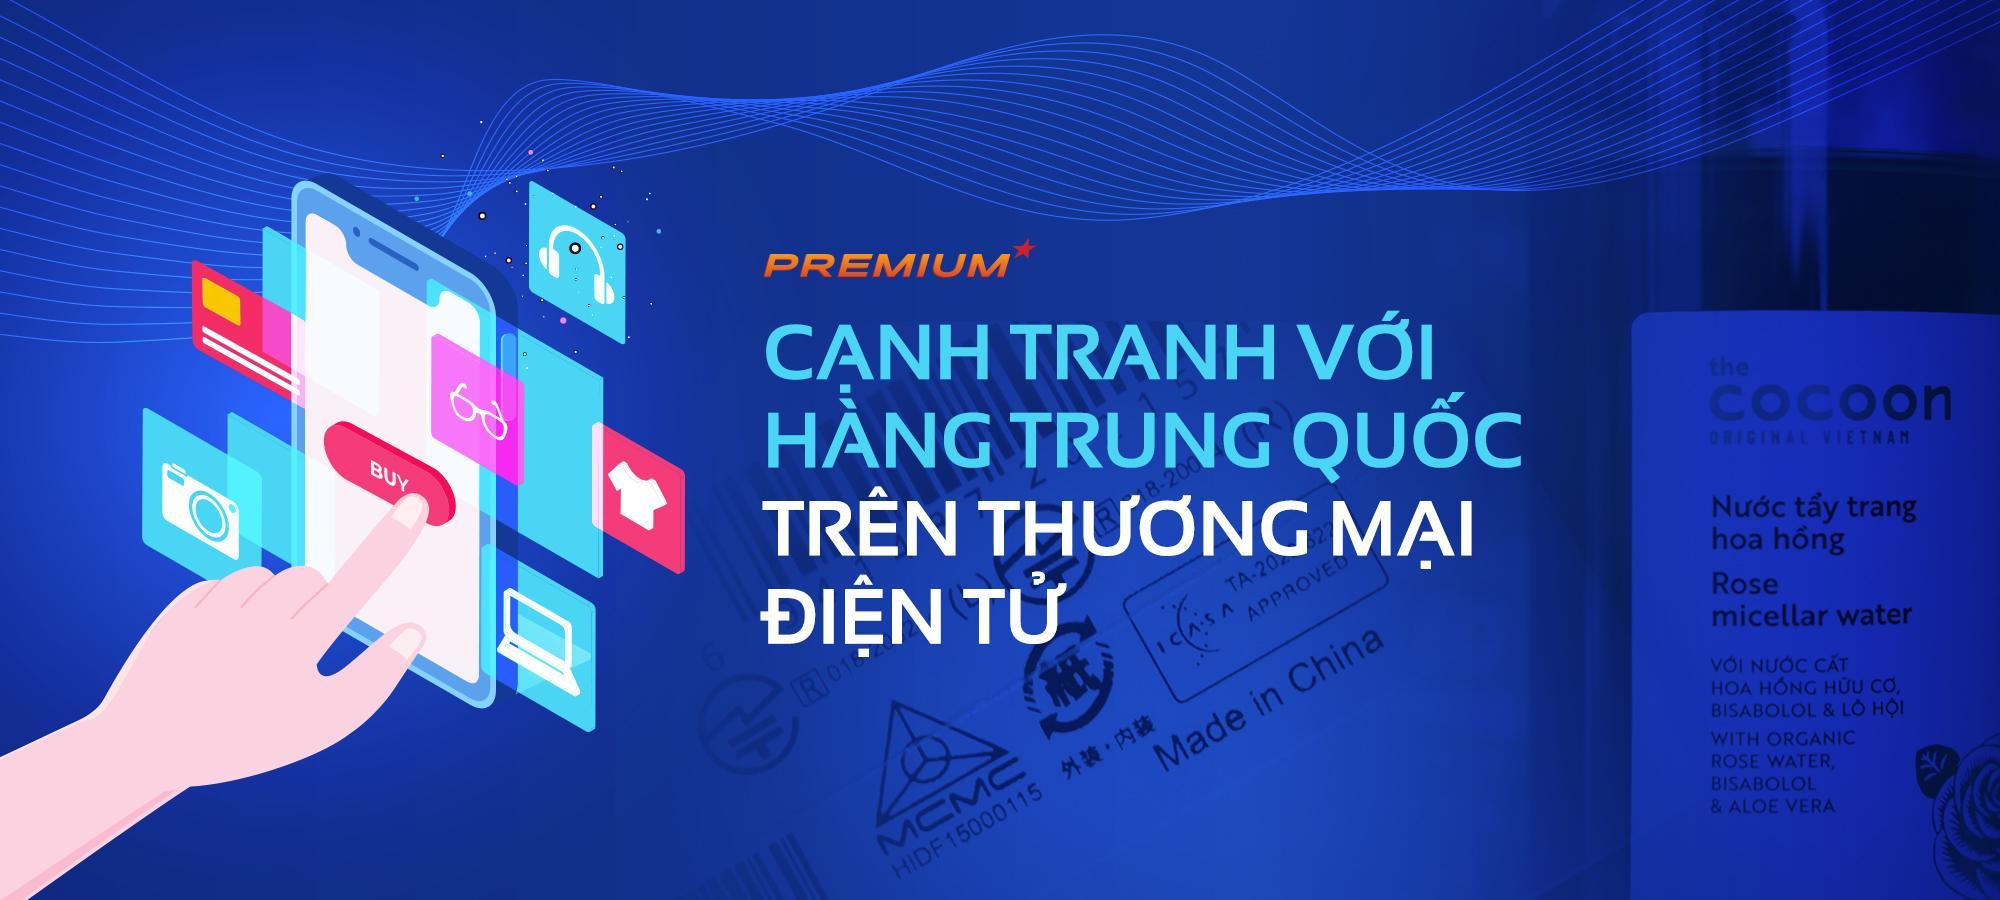 Cạnh tranh với hàng Trung Quốc trên thương mại điện tử